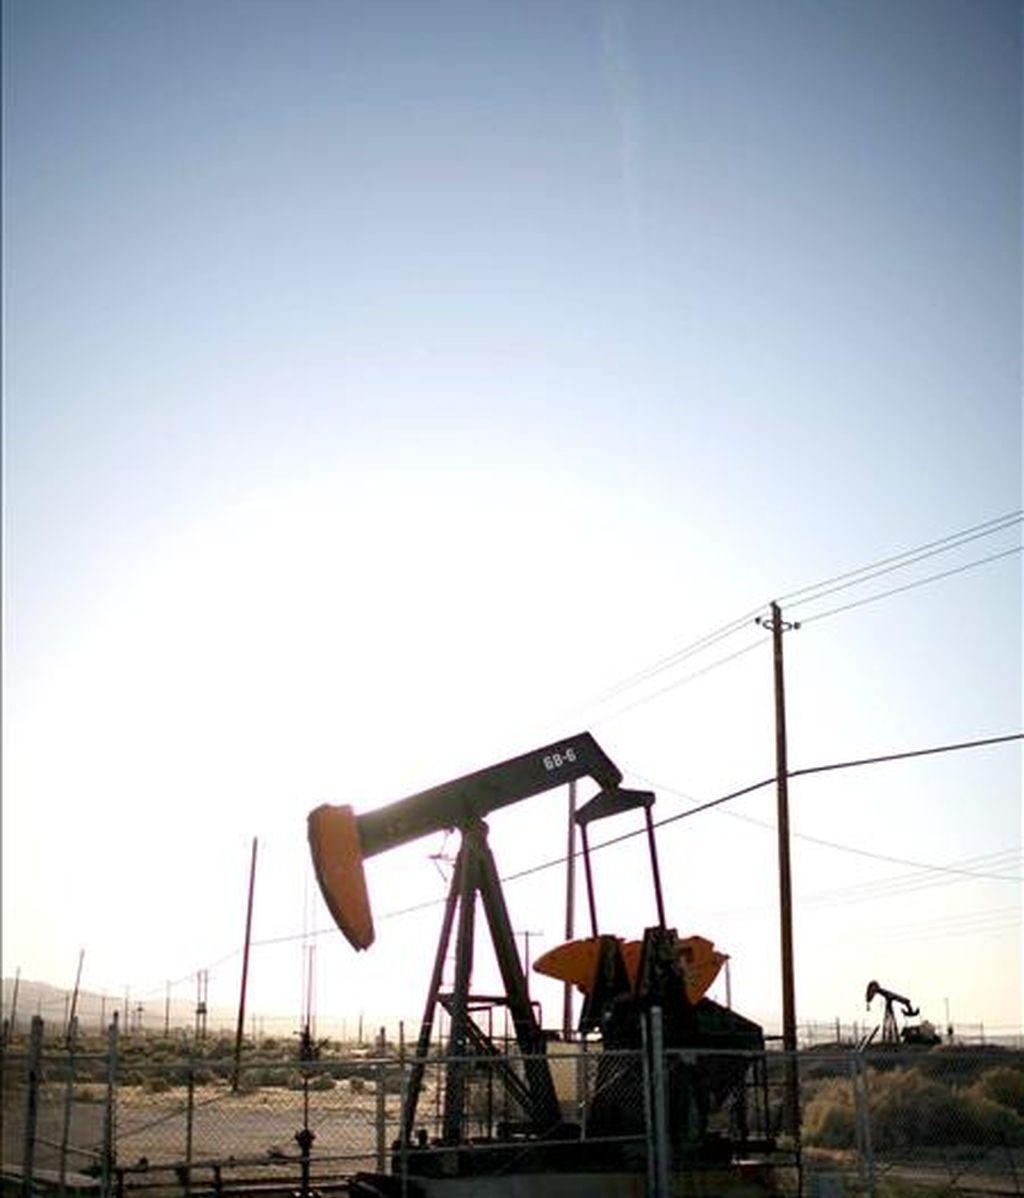 Una bomba de extracción en un campo petrolífero cerca de Taft, California, EEUU. EFE/Archivo